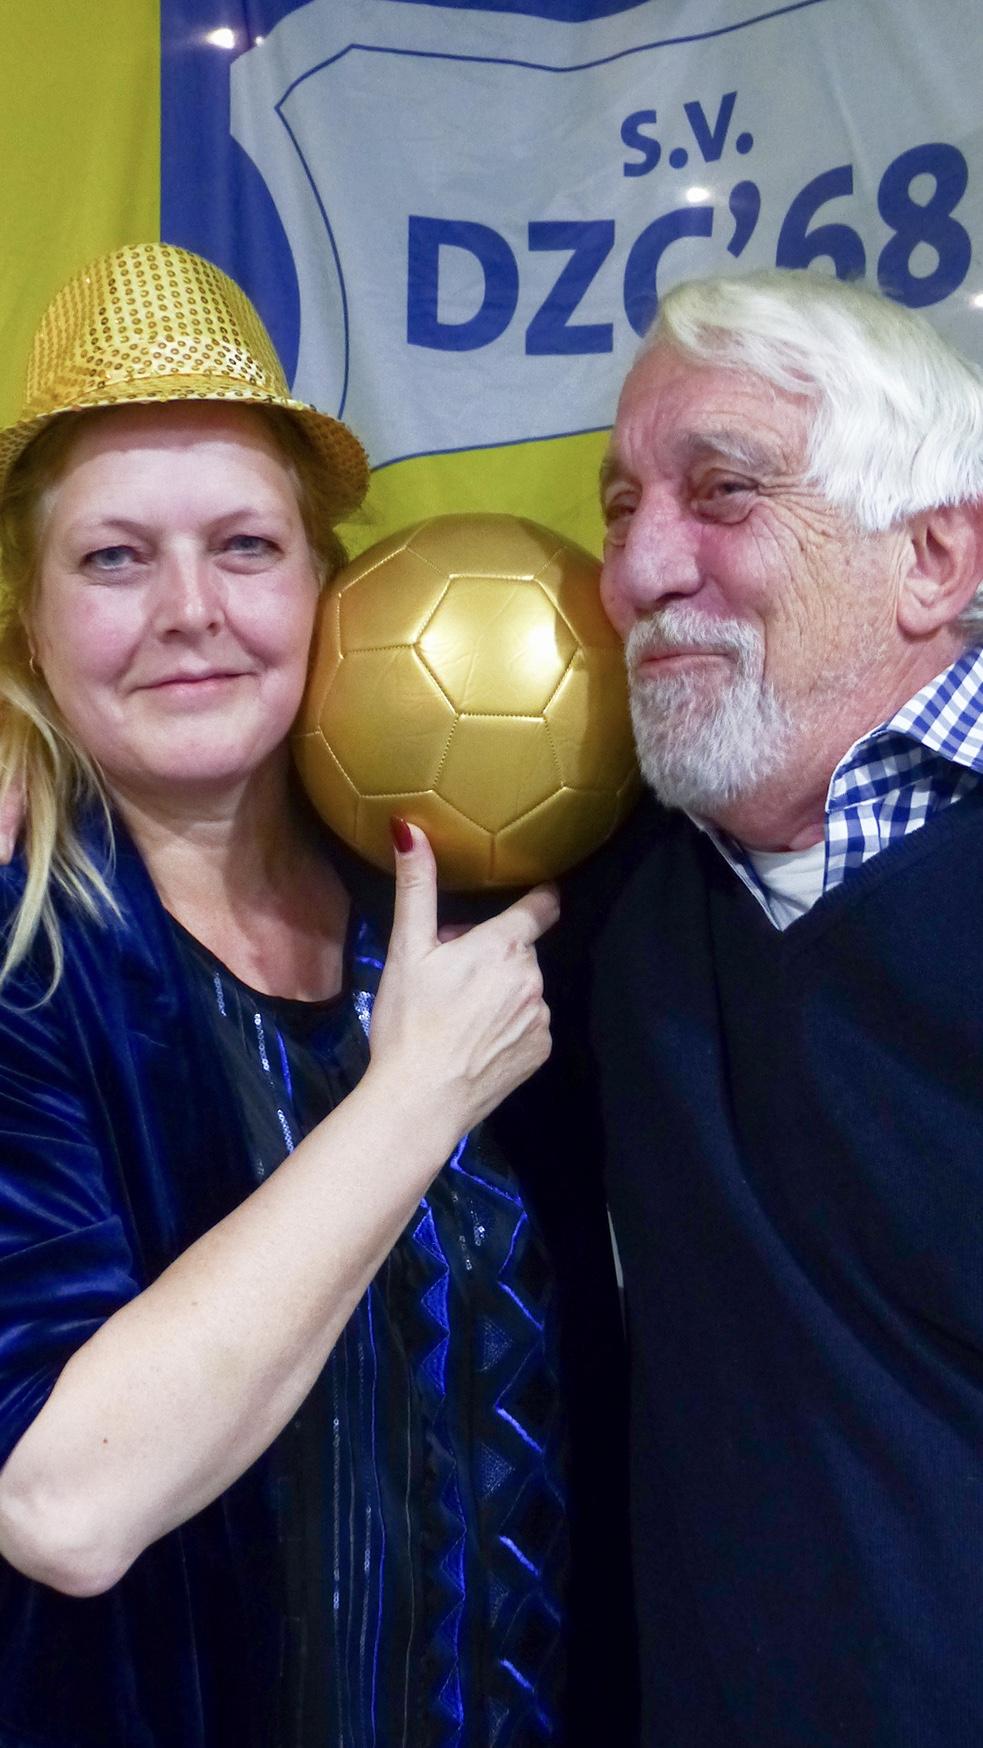 Vrijwilligersfeest voetbalclub organiseren